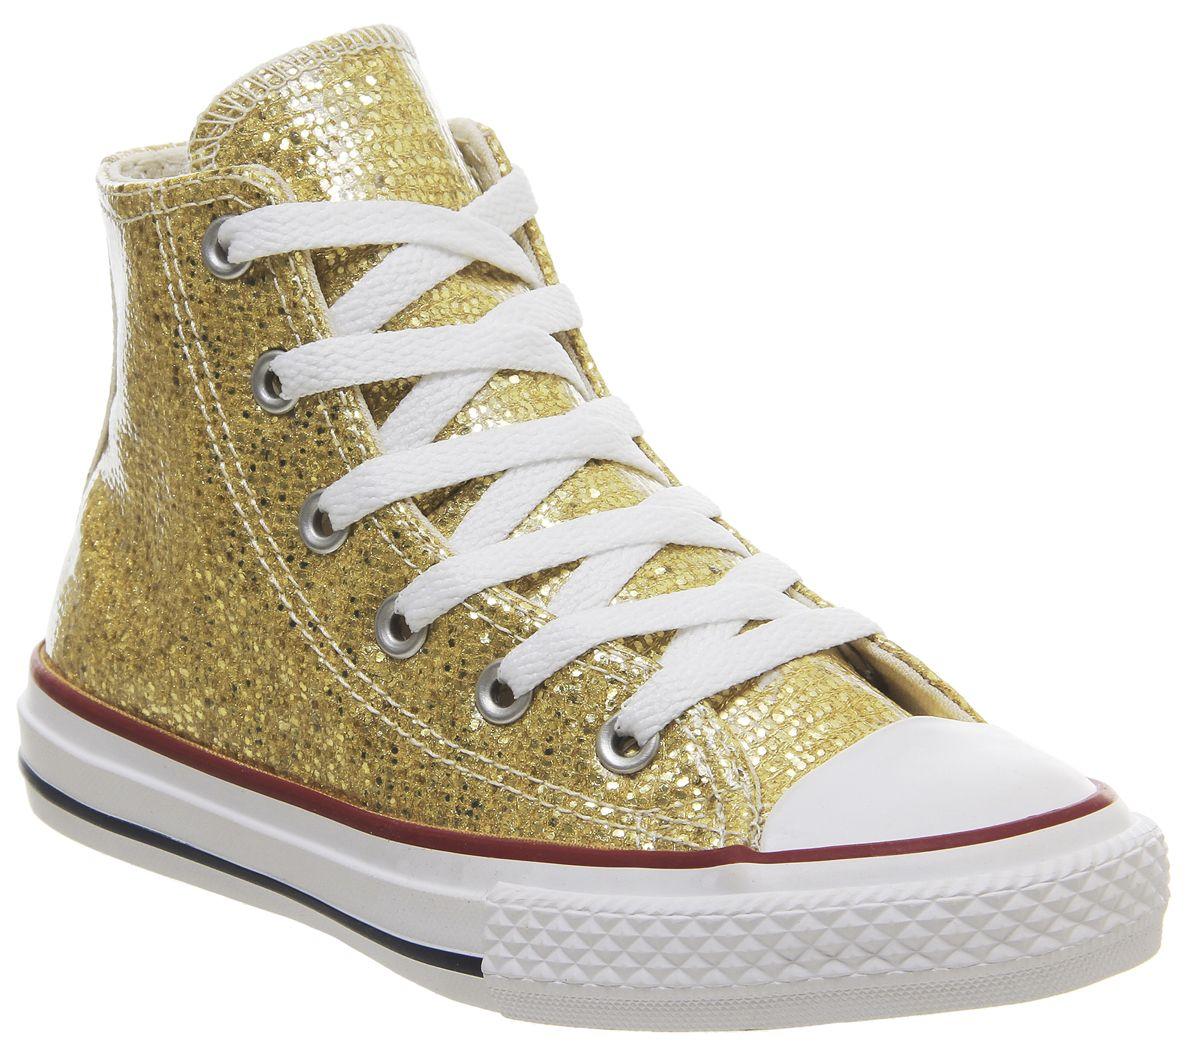 the latest 62833 a9a0d Dettagli su Bambini Converse All Star Hi Mid Scarpe Oro Glitter Bianco  Bambini